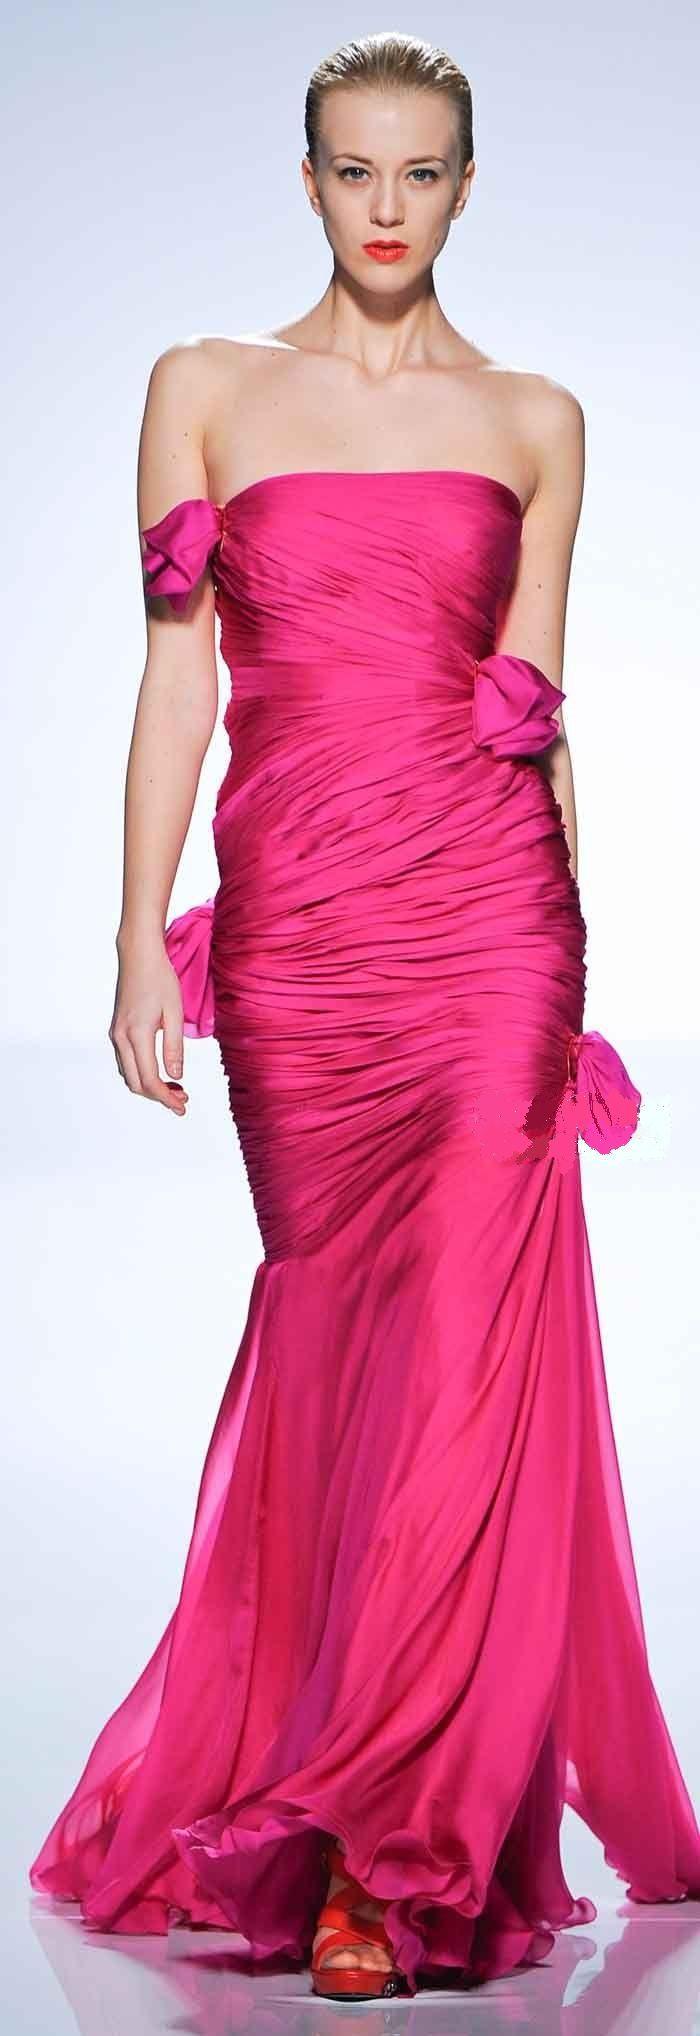 Jack Guisso jaglady | Pretty | Pinterest | Rosas, Fucsia y Moda rosada